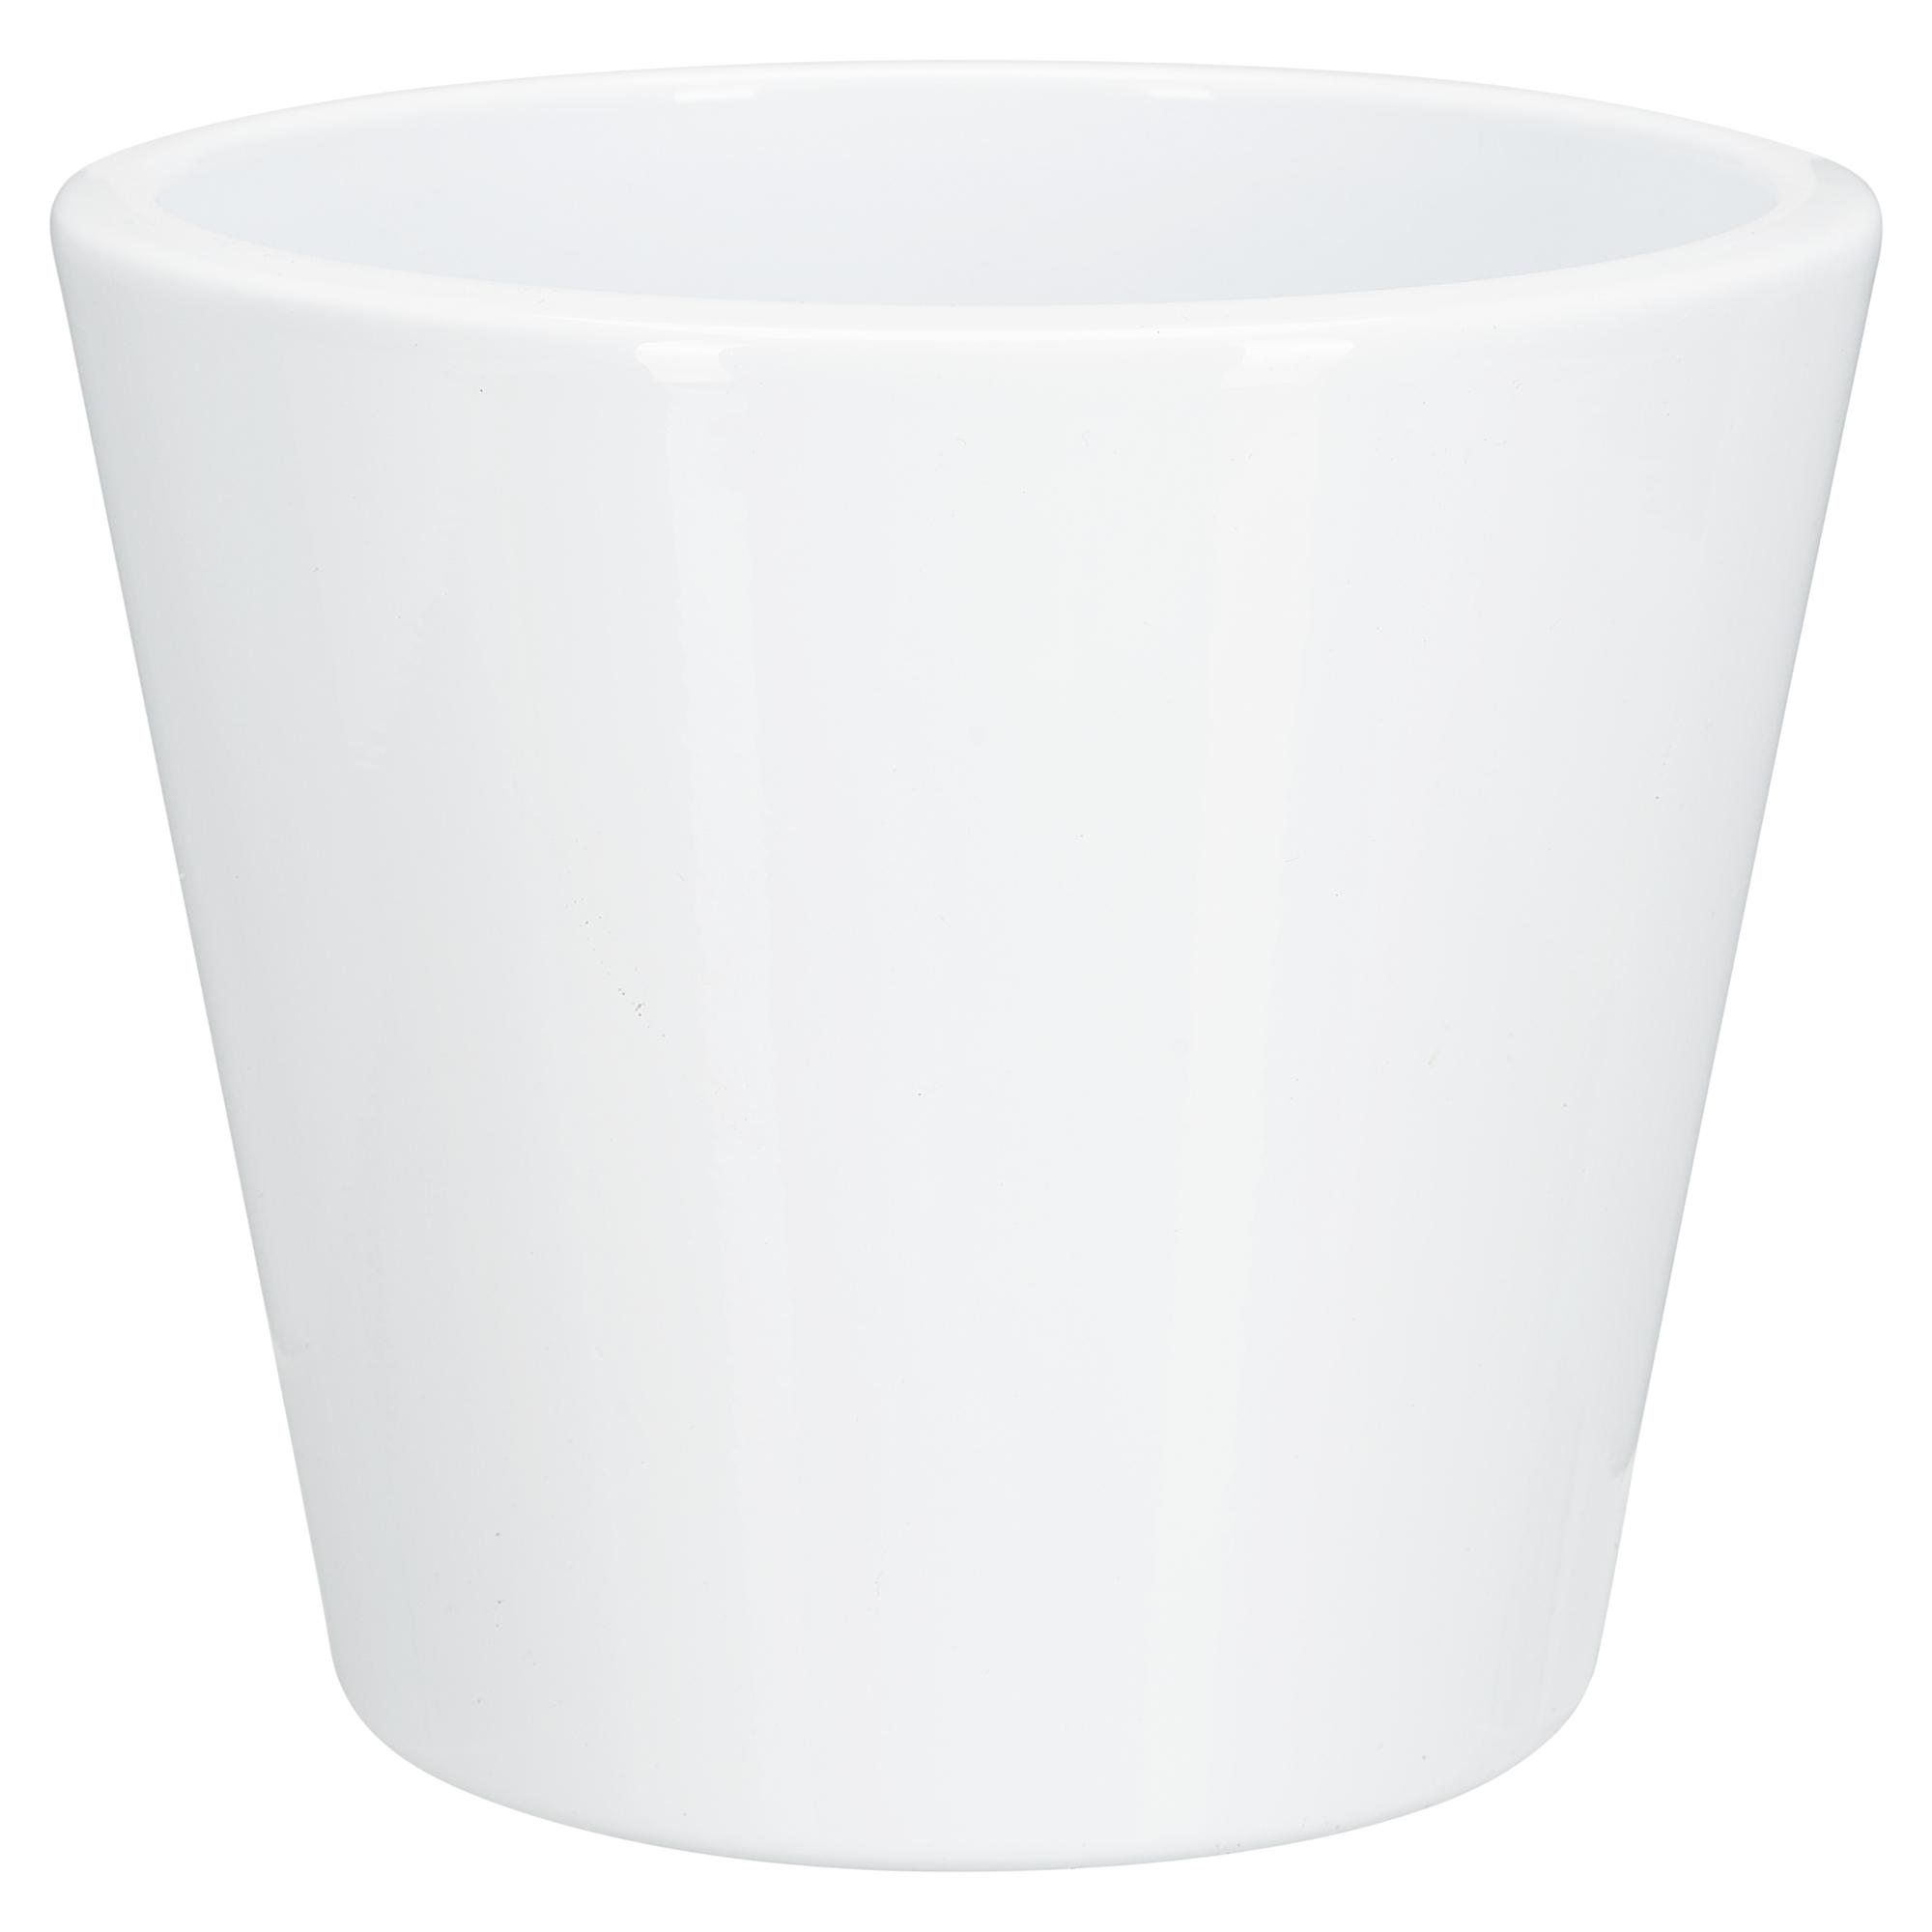 """Übertopf """"Torino"""" Keramik reinweiß Ø 19 cm ǀ toom Baumarkt"""